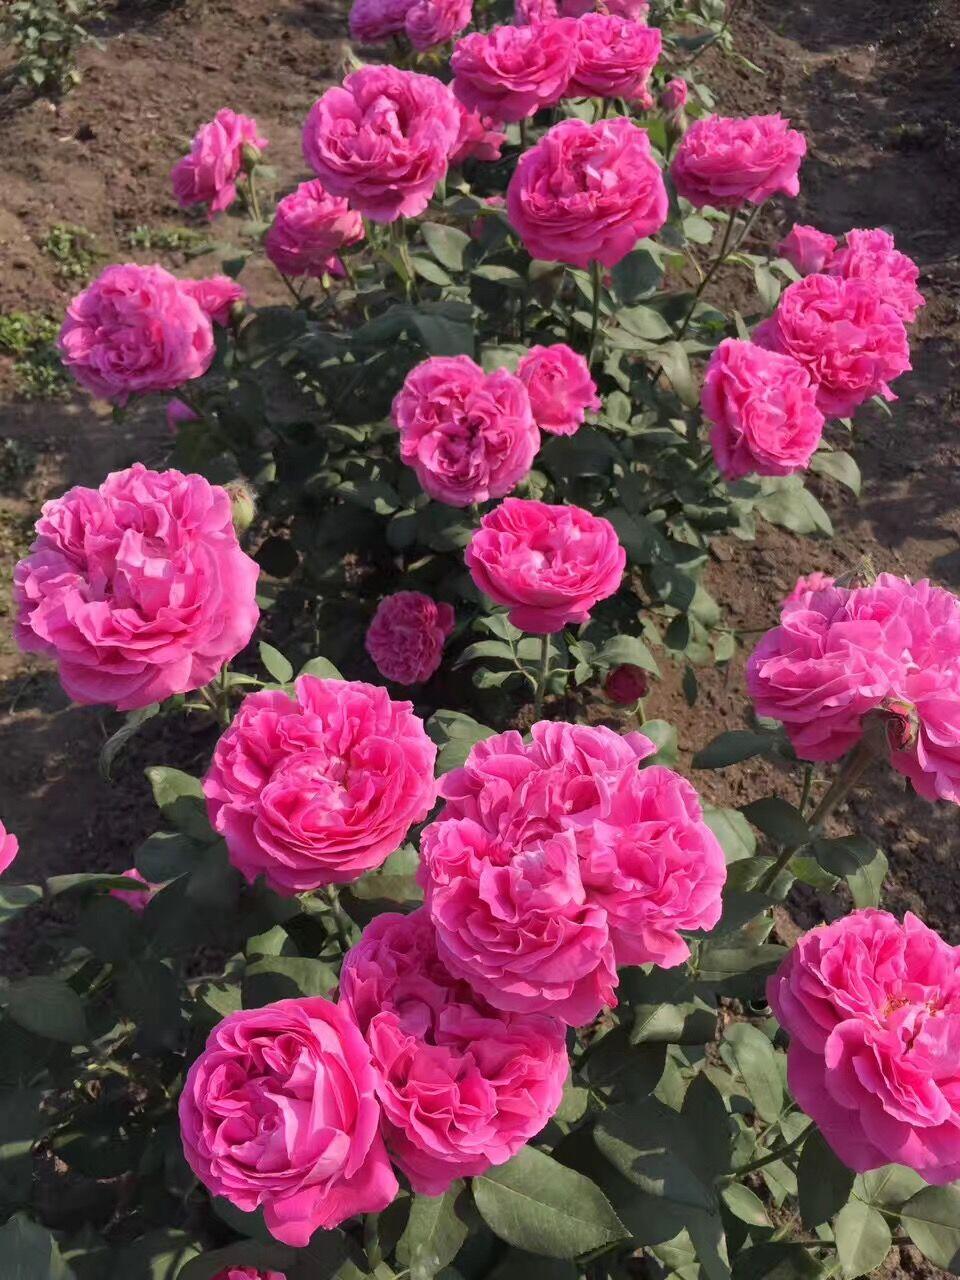 【可乐的花园】 西枝牡丹月季   重瓣 大花 抗病 多季开花  超棒